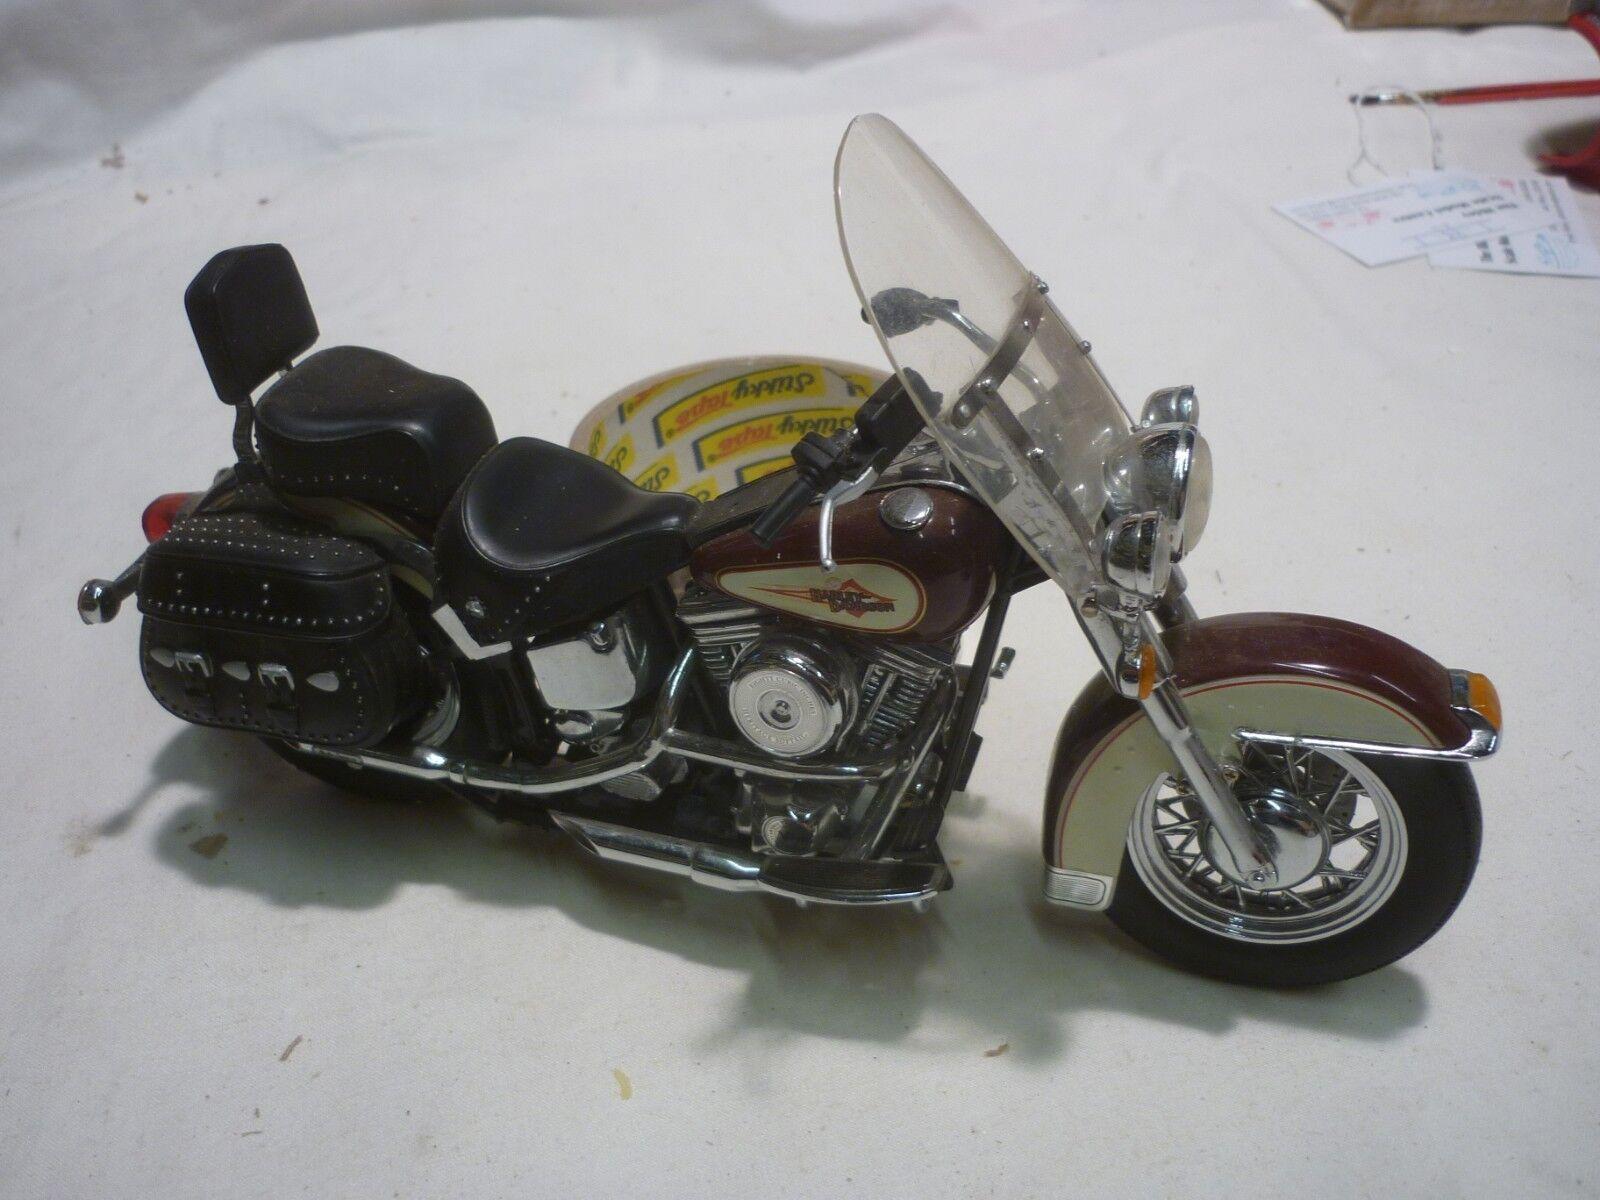 Un Franklin Comme neuf Modèle à l'échelle d'une Harley Davidson Classique, boxed